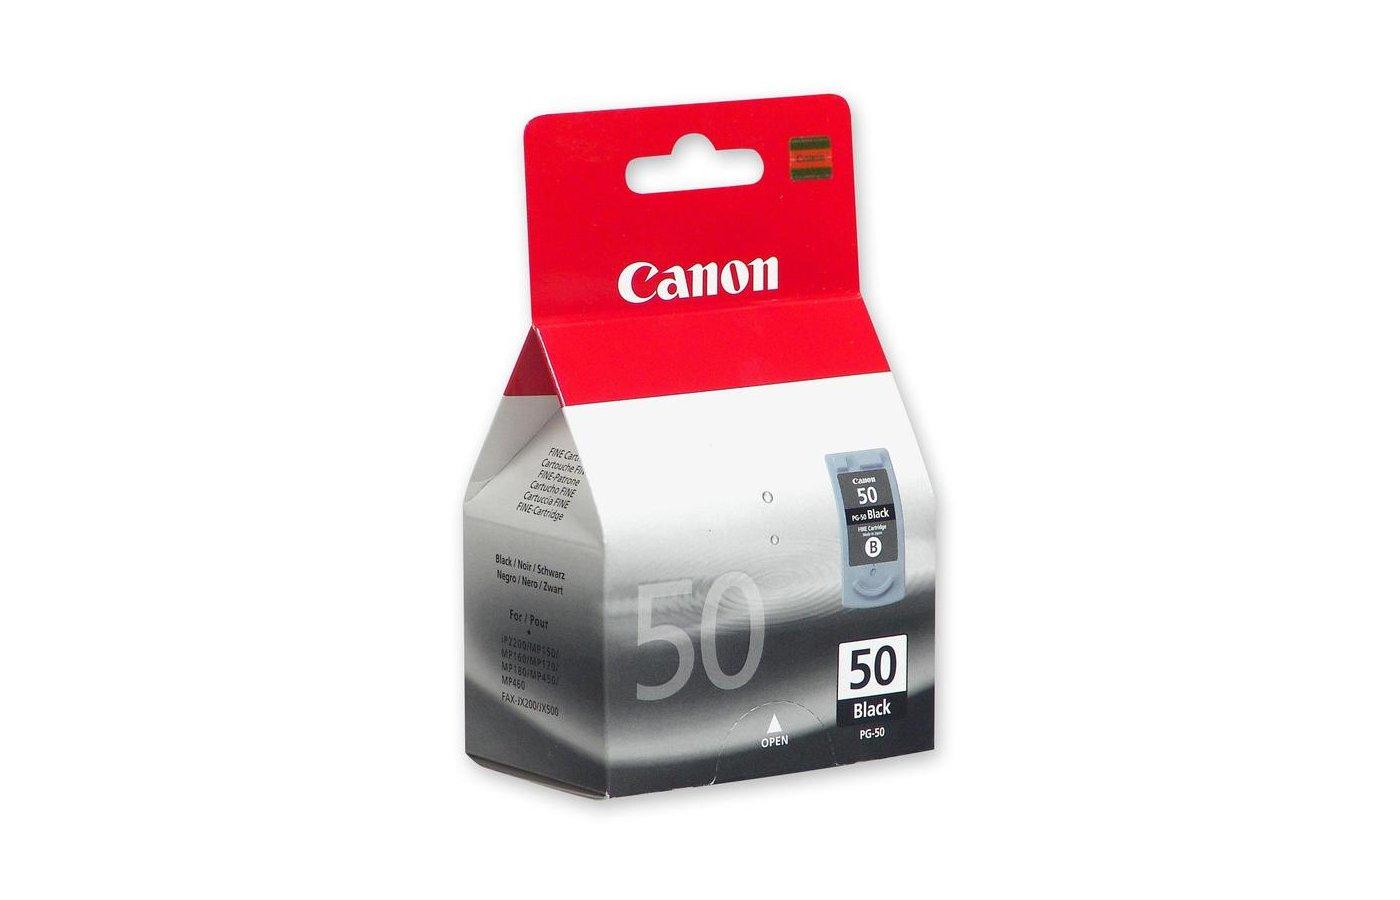 Картридж струйный Canon PG-50 0616B001 черный для PIXMA MP450/150/170, iP6220D/6210D/2200